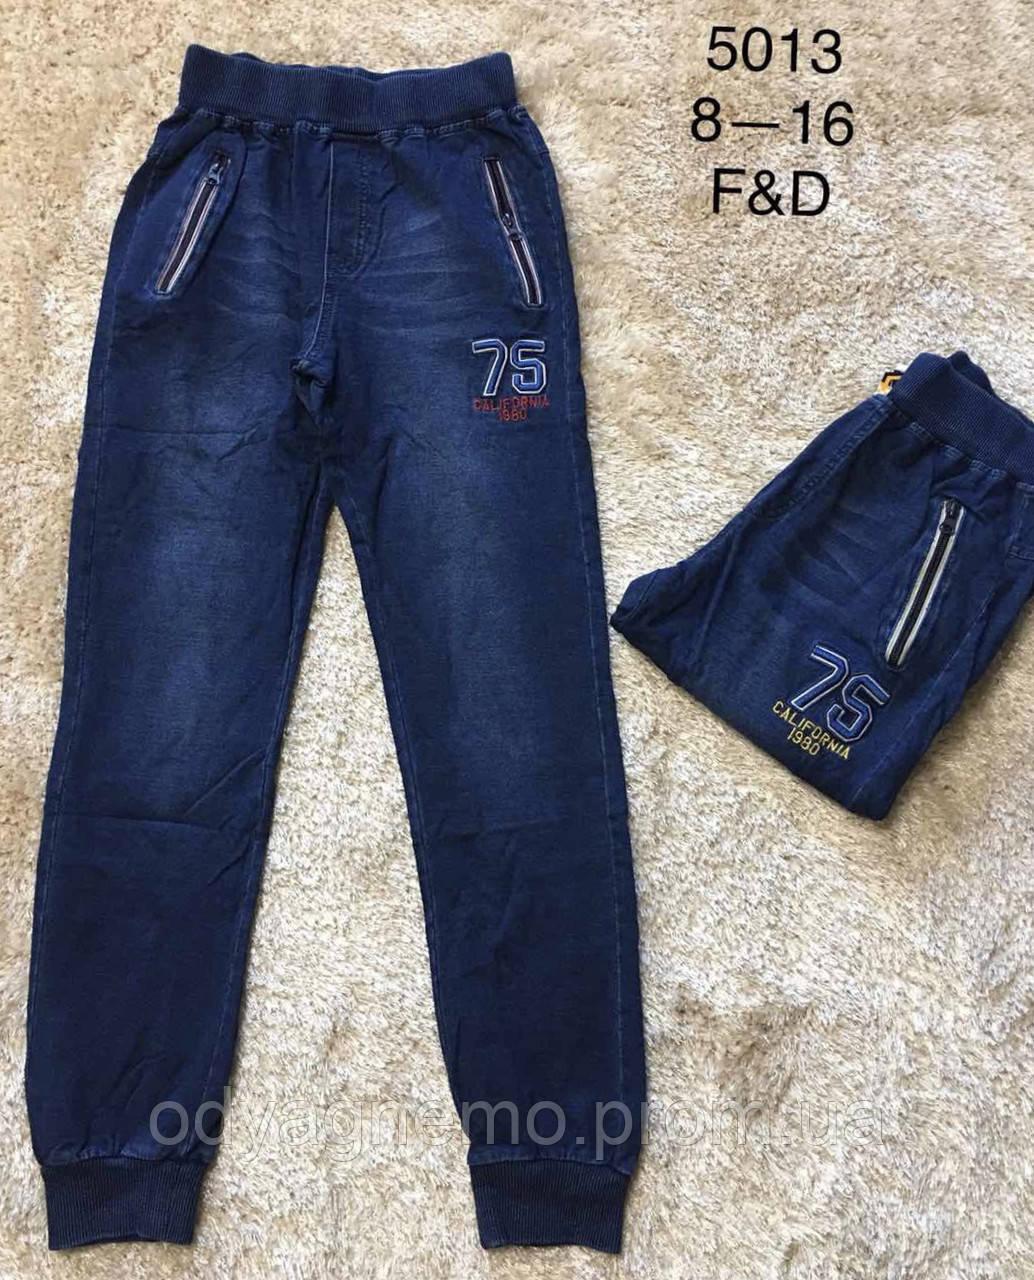 Брюки с имитацией джинсы для мальчиков F&D оптом, 8-16 лет. Артикул: 5013